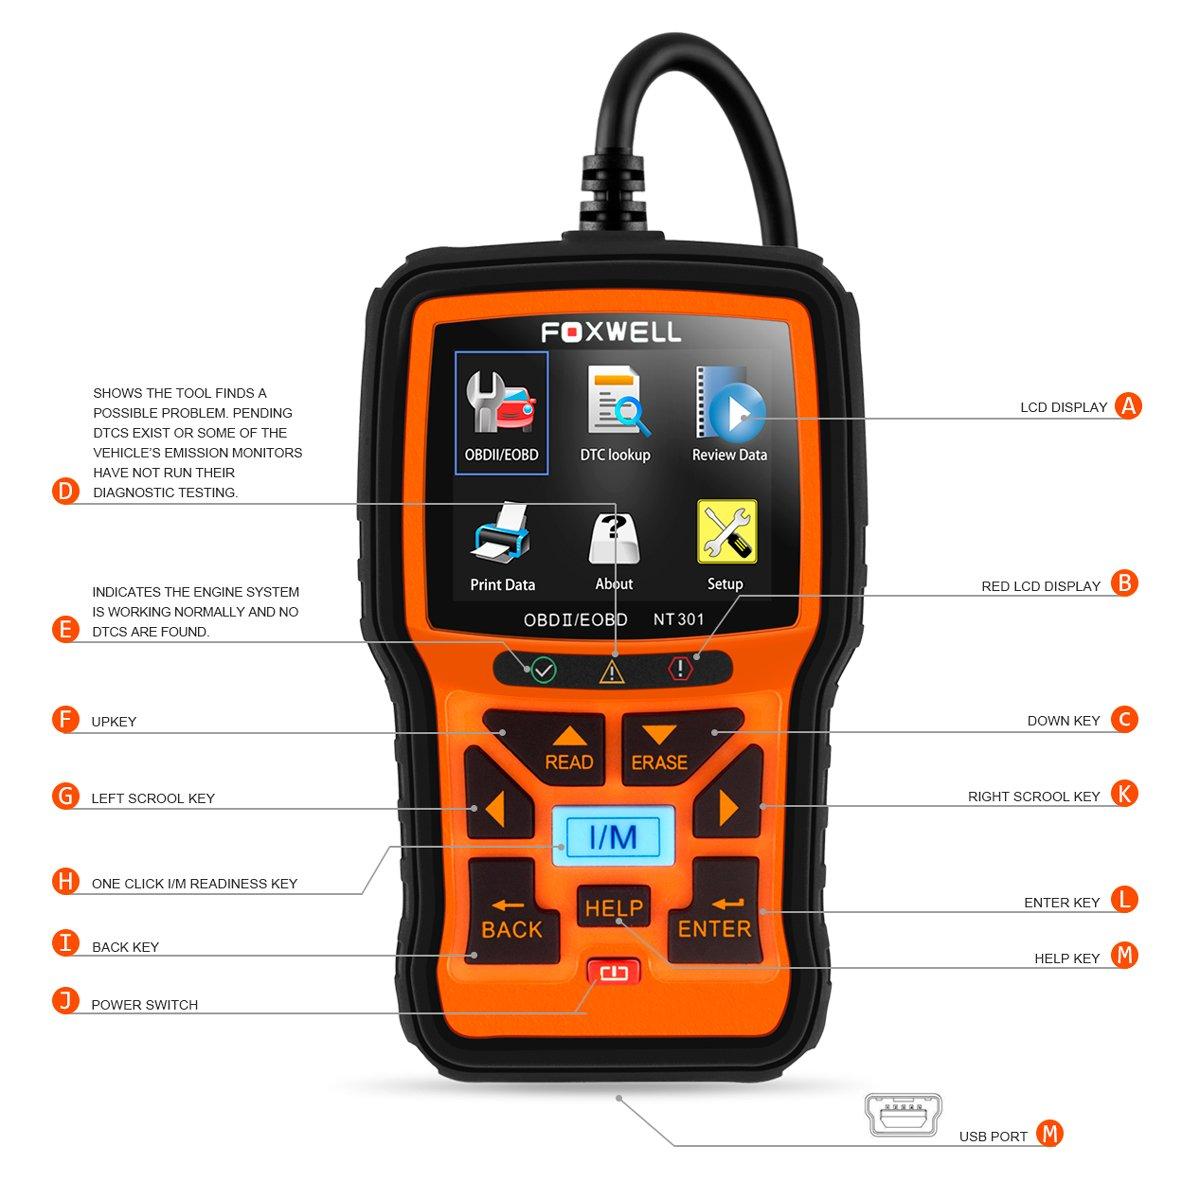 Foxwell Nt301 obd2 code scanner